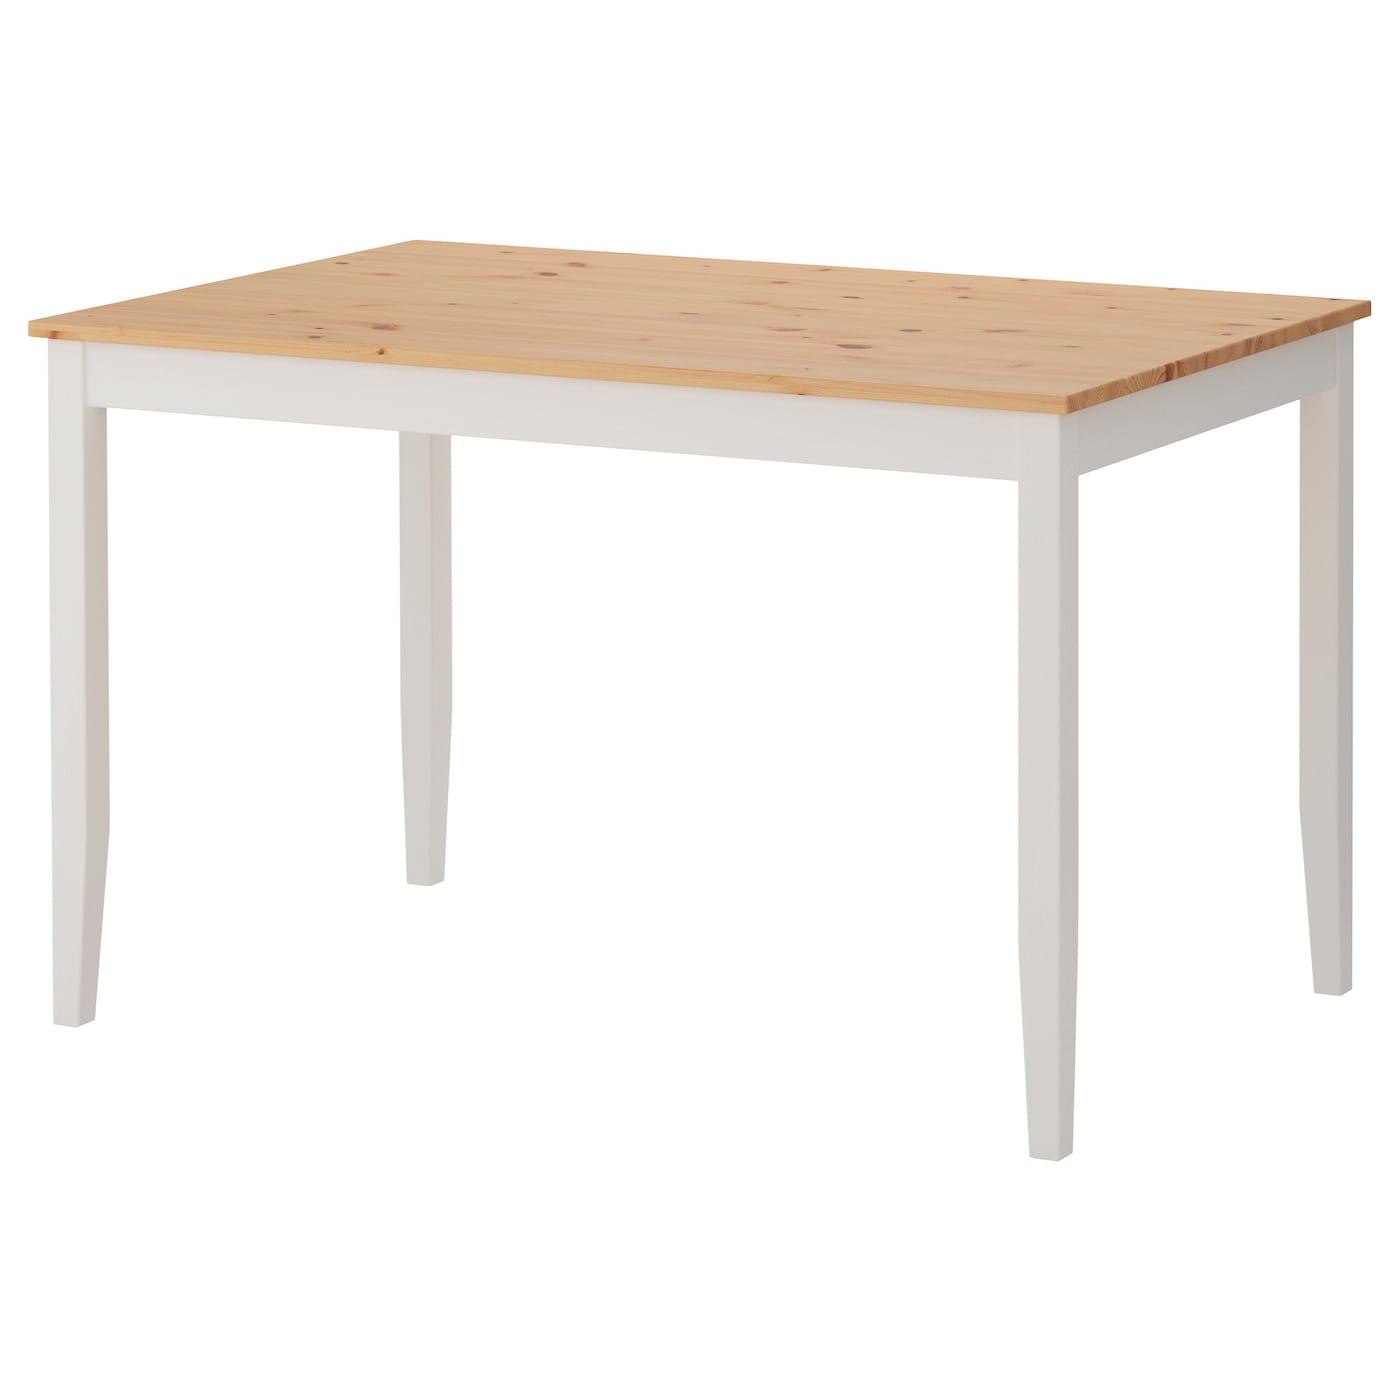 LERHAMN Tisch - Antikbeize hell, weiß gebeizt - IKEA